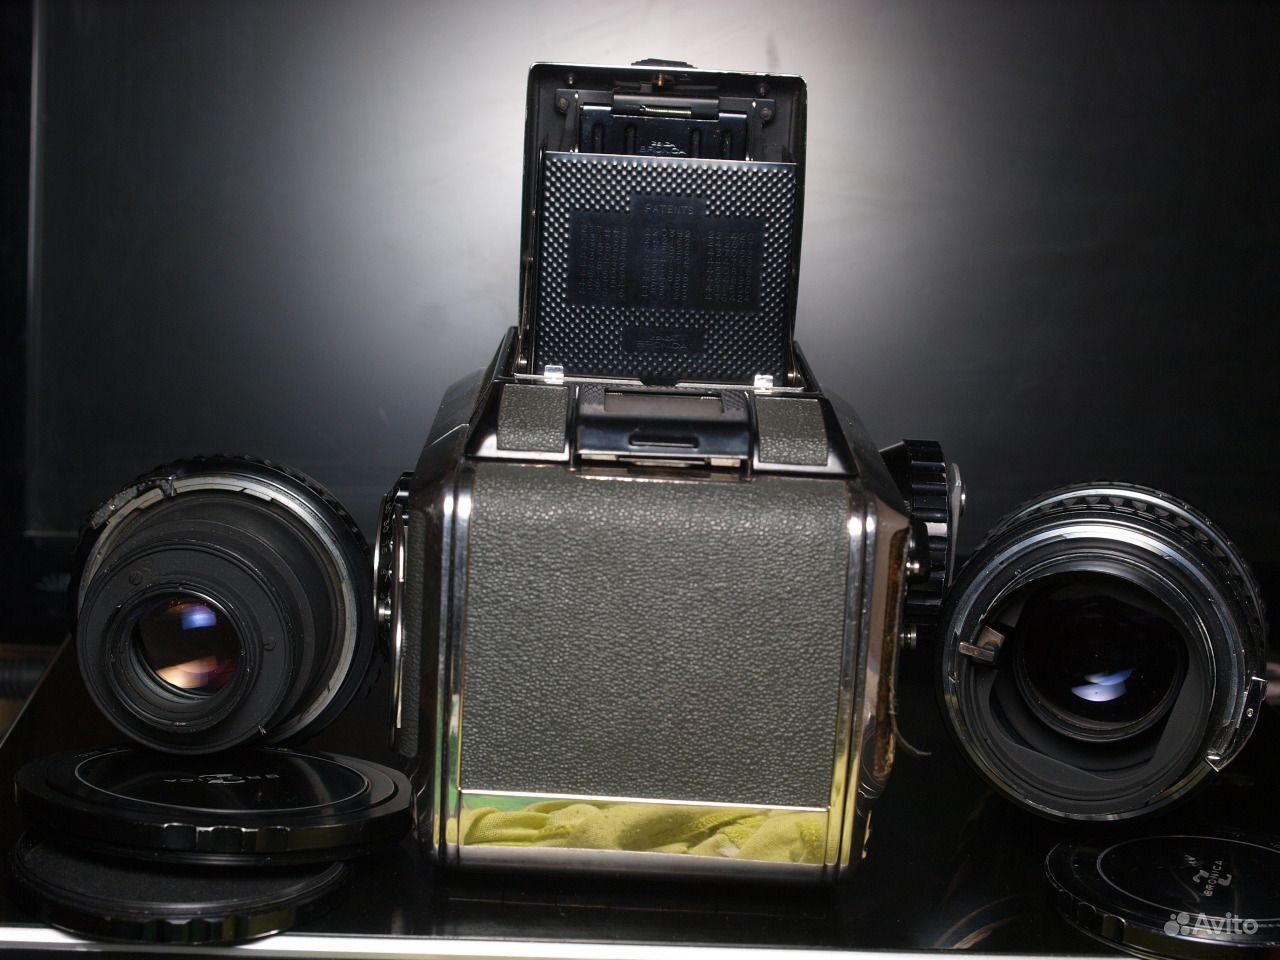 лучшие механические фотокамеры всегда приносят счастье